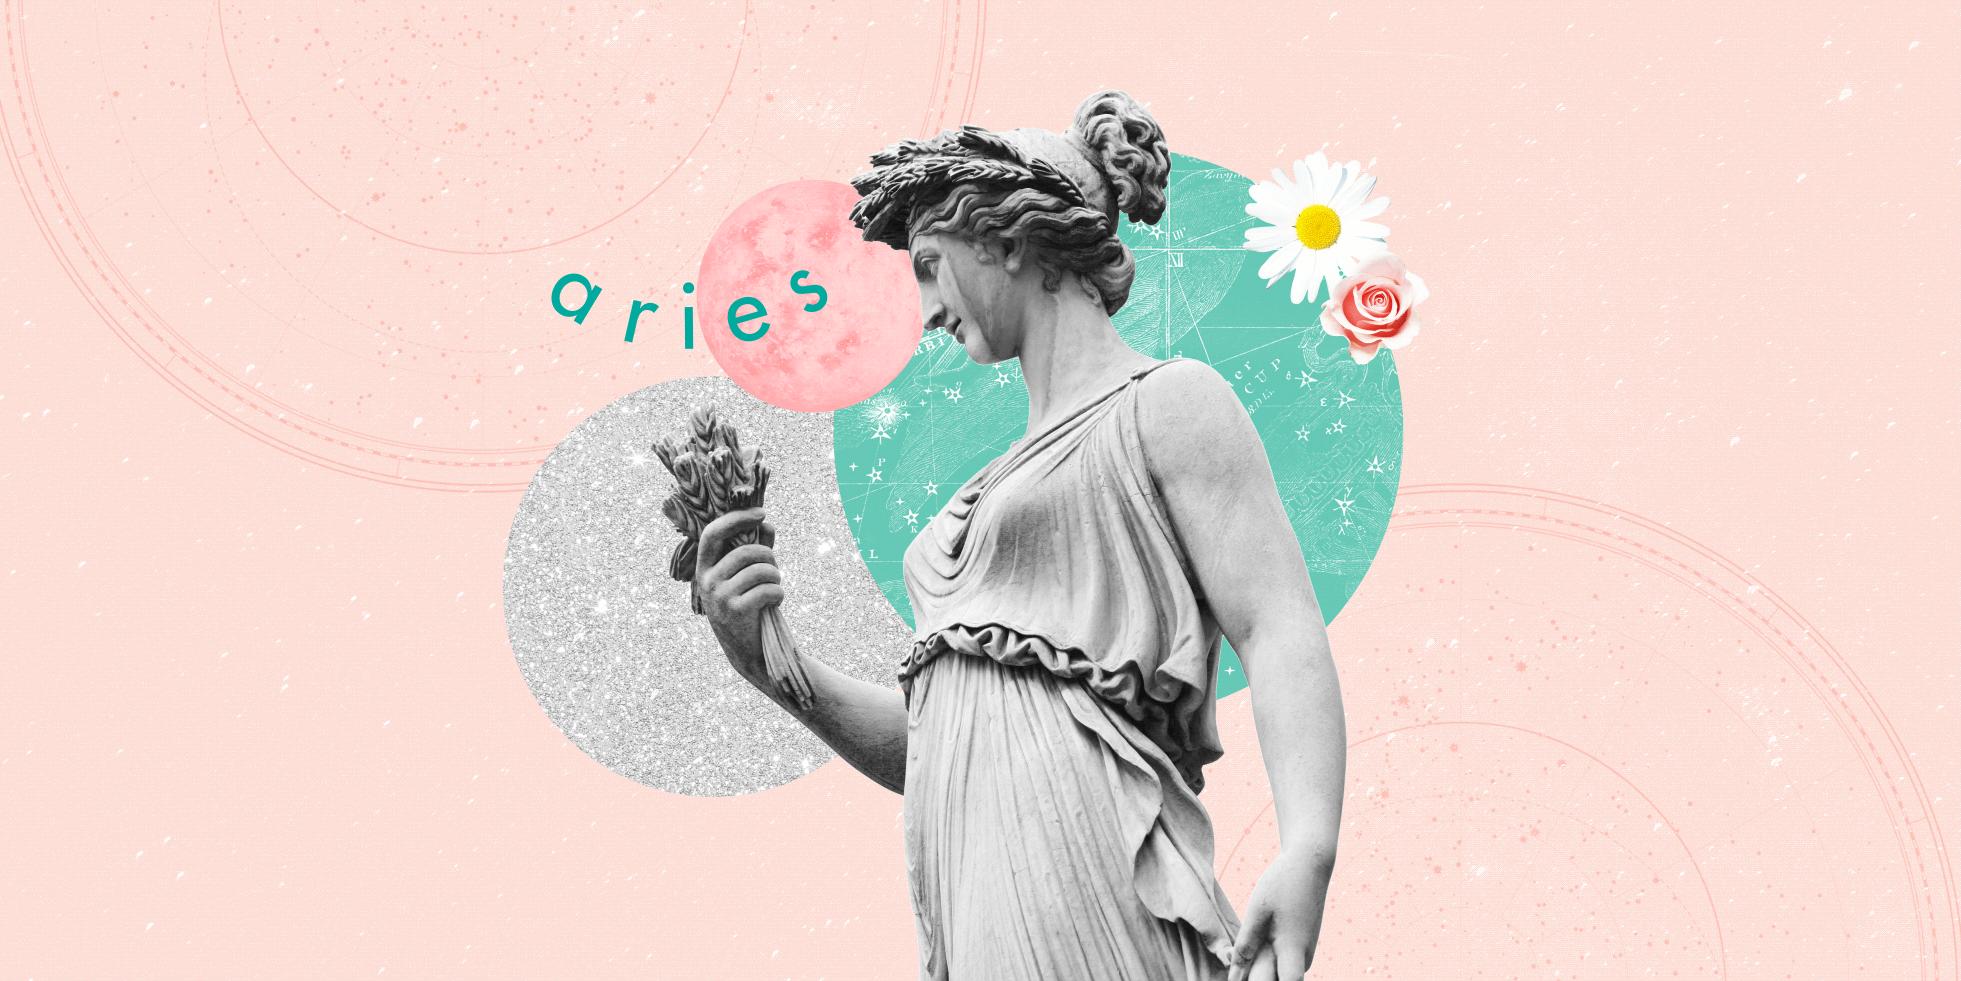 Horóscopo mensual de Aries para abril de 2020 - Resumen mensual 34